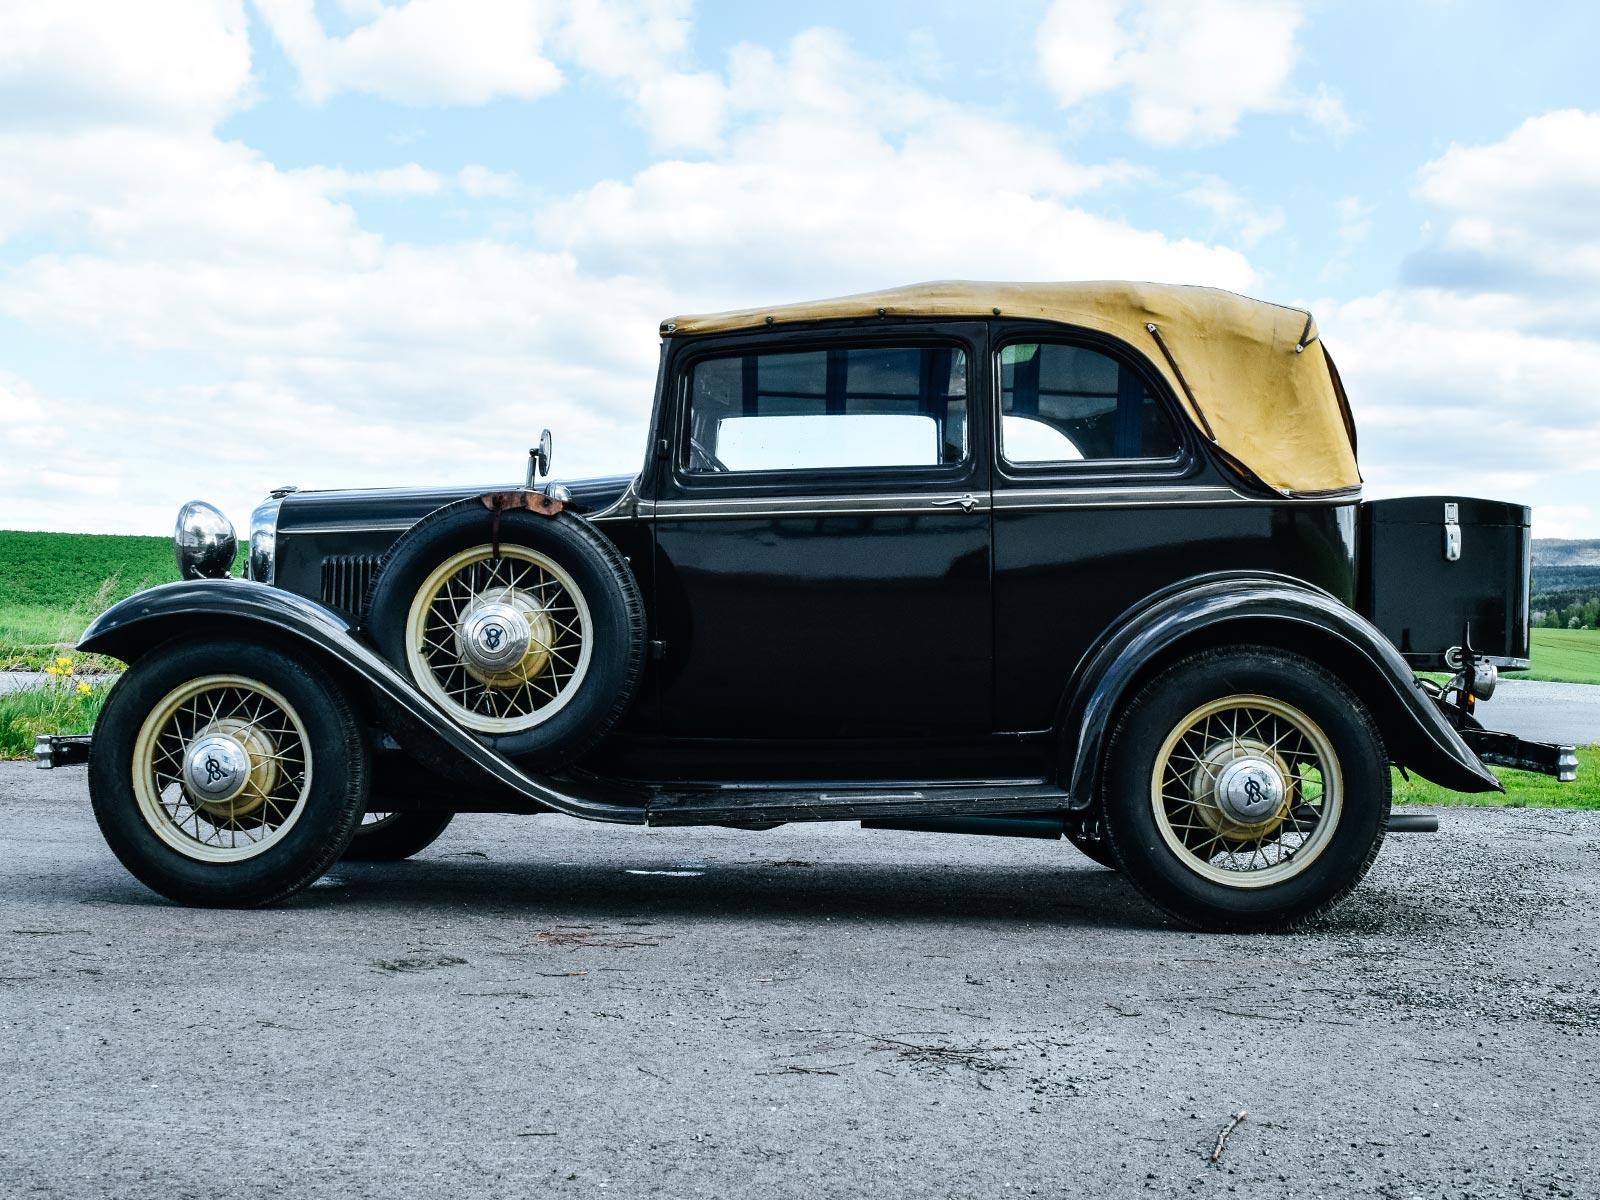 Ford B V8 Convertible 1932 modell. Se vårt utvalg av biler.